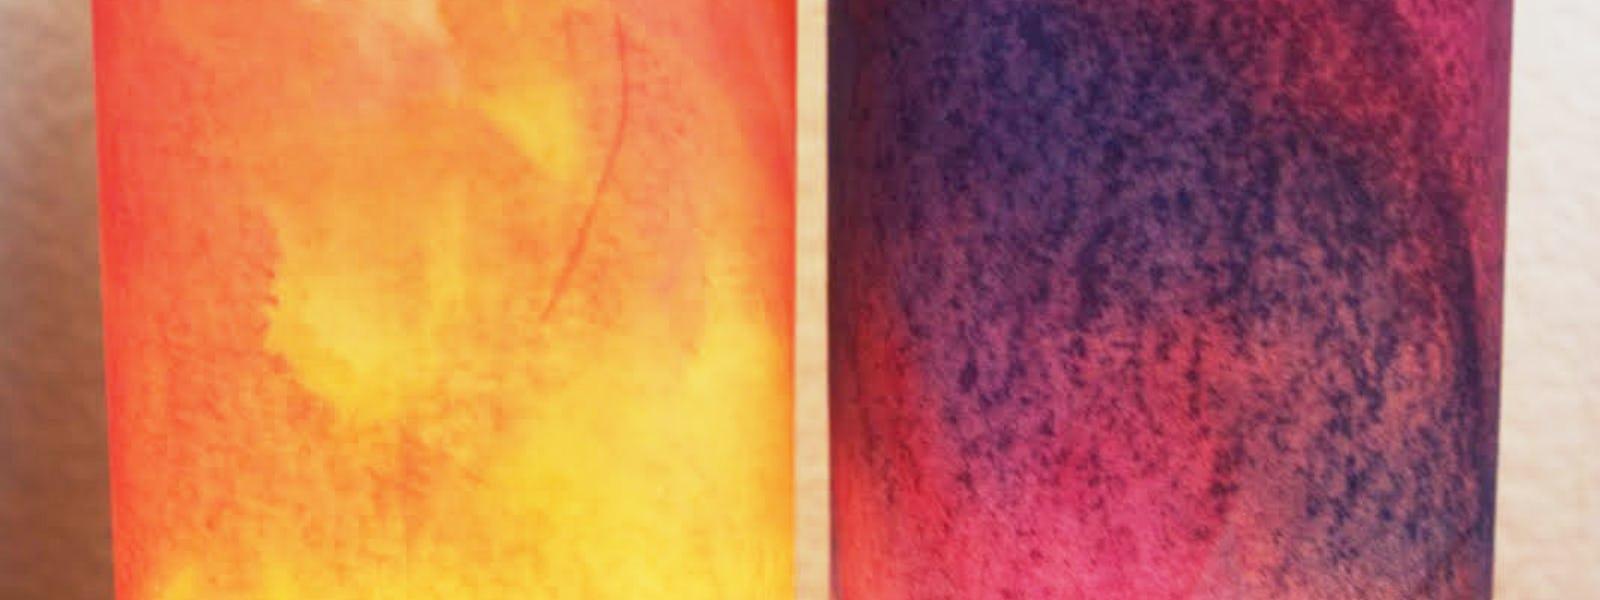 Bild - Skapandeverkstad: Akvarell och tryck på rispapper